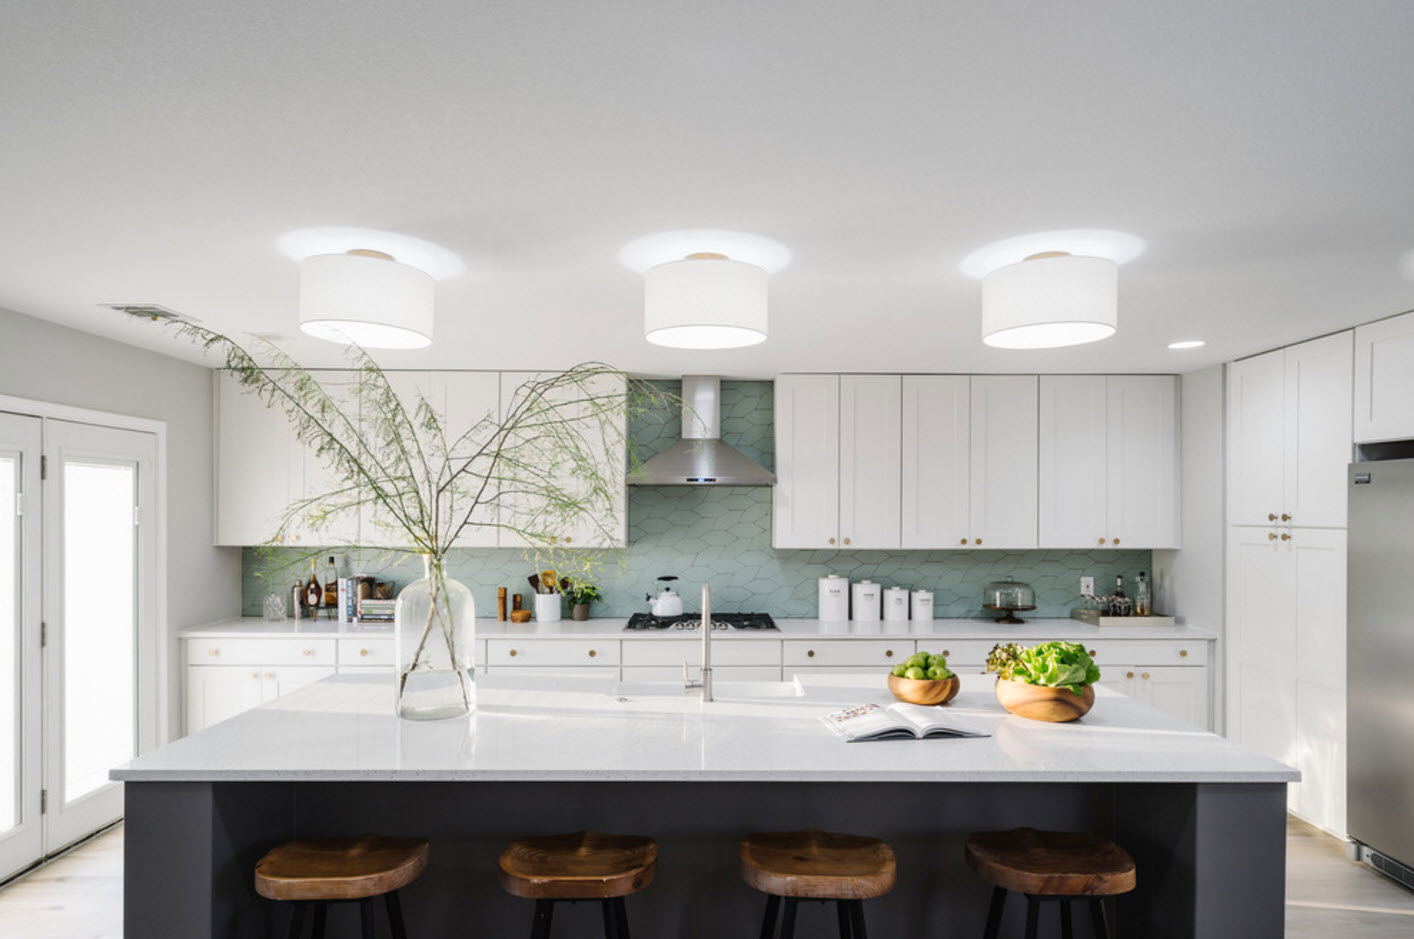 Гостиная-столовая: дизайн столовой в частном доме и квартире, фото идей